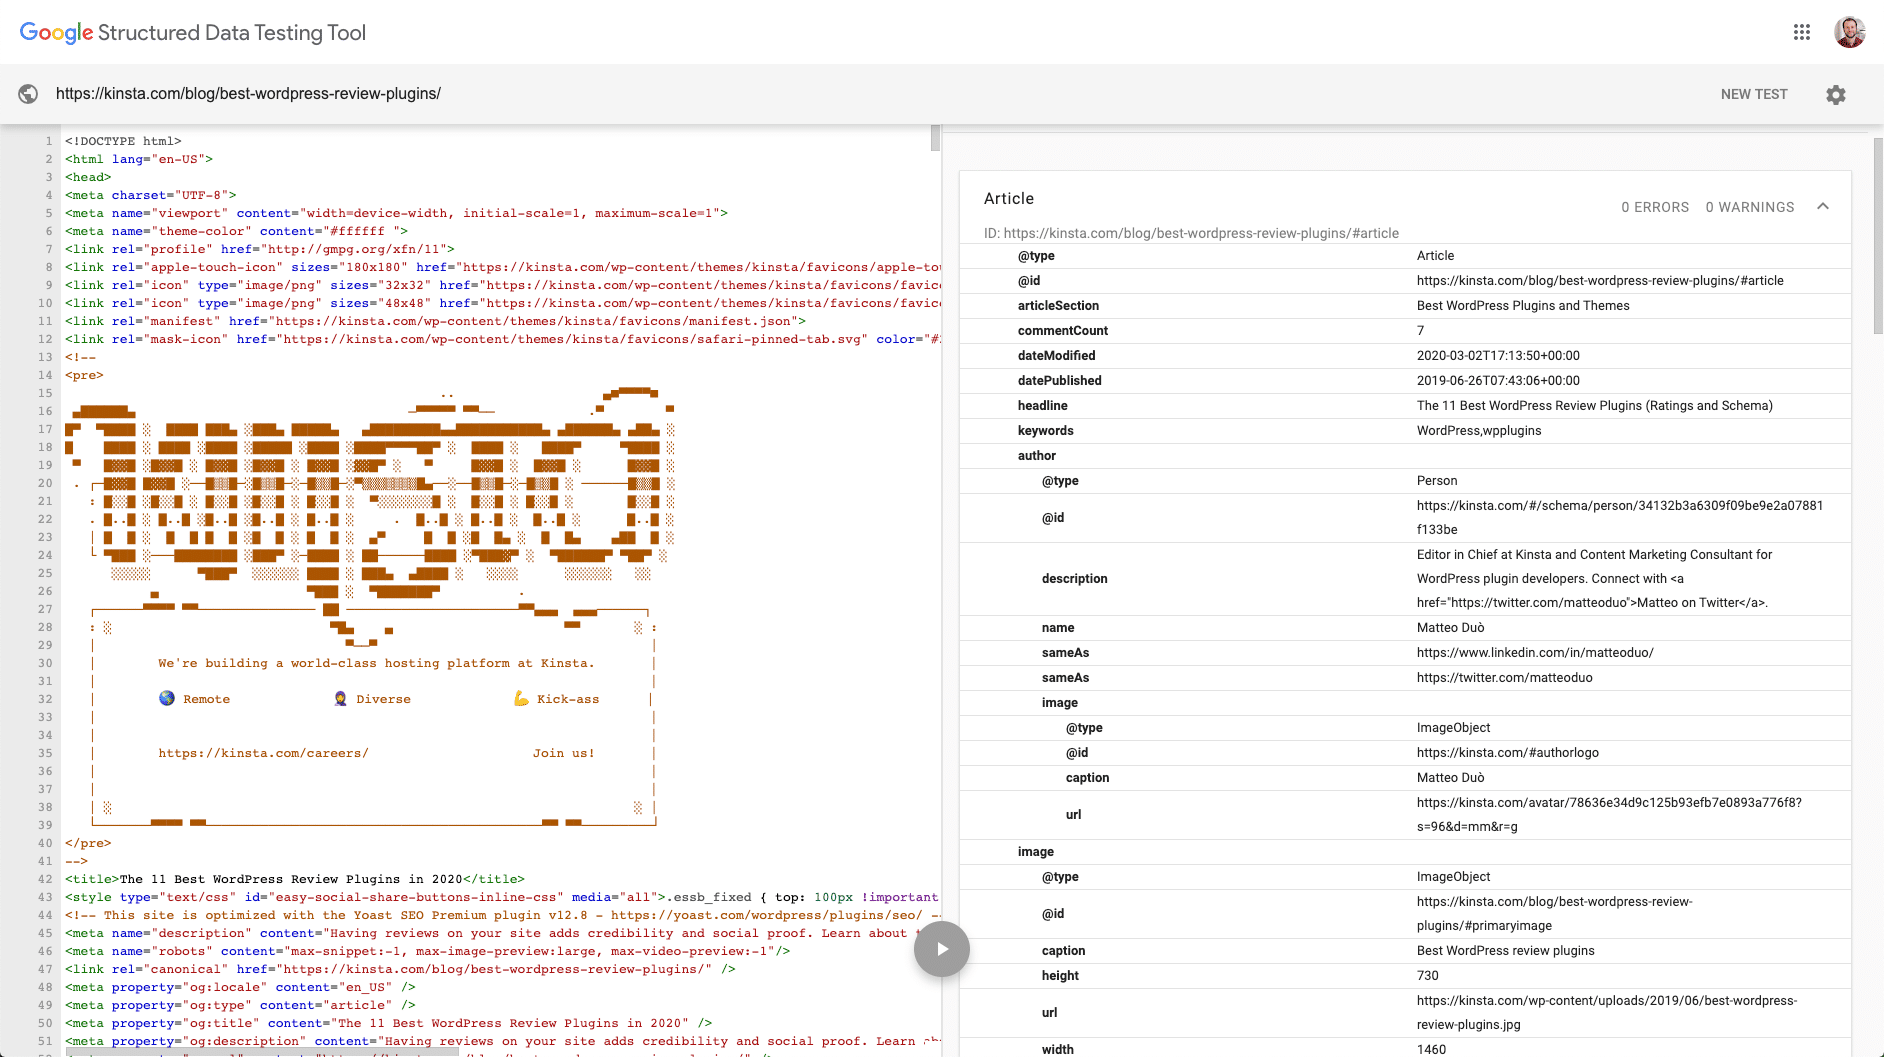 Schéma des données structurées de Google